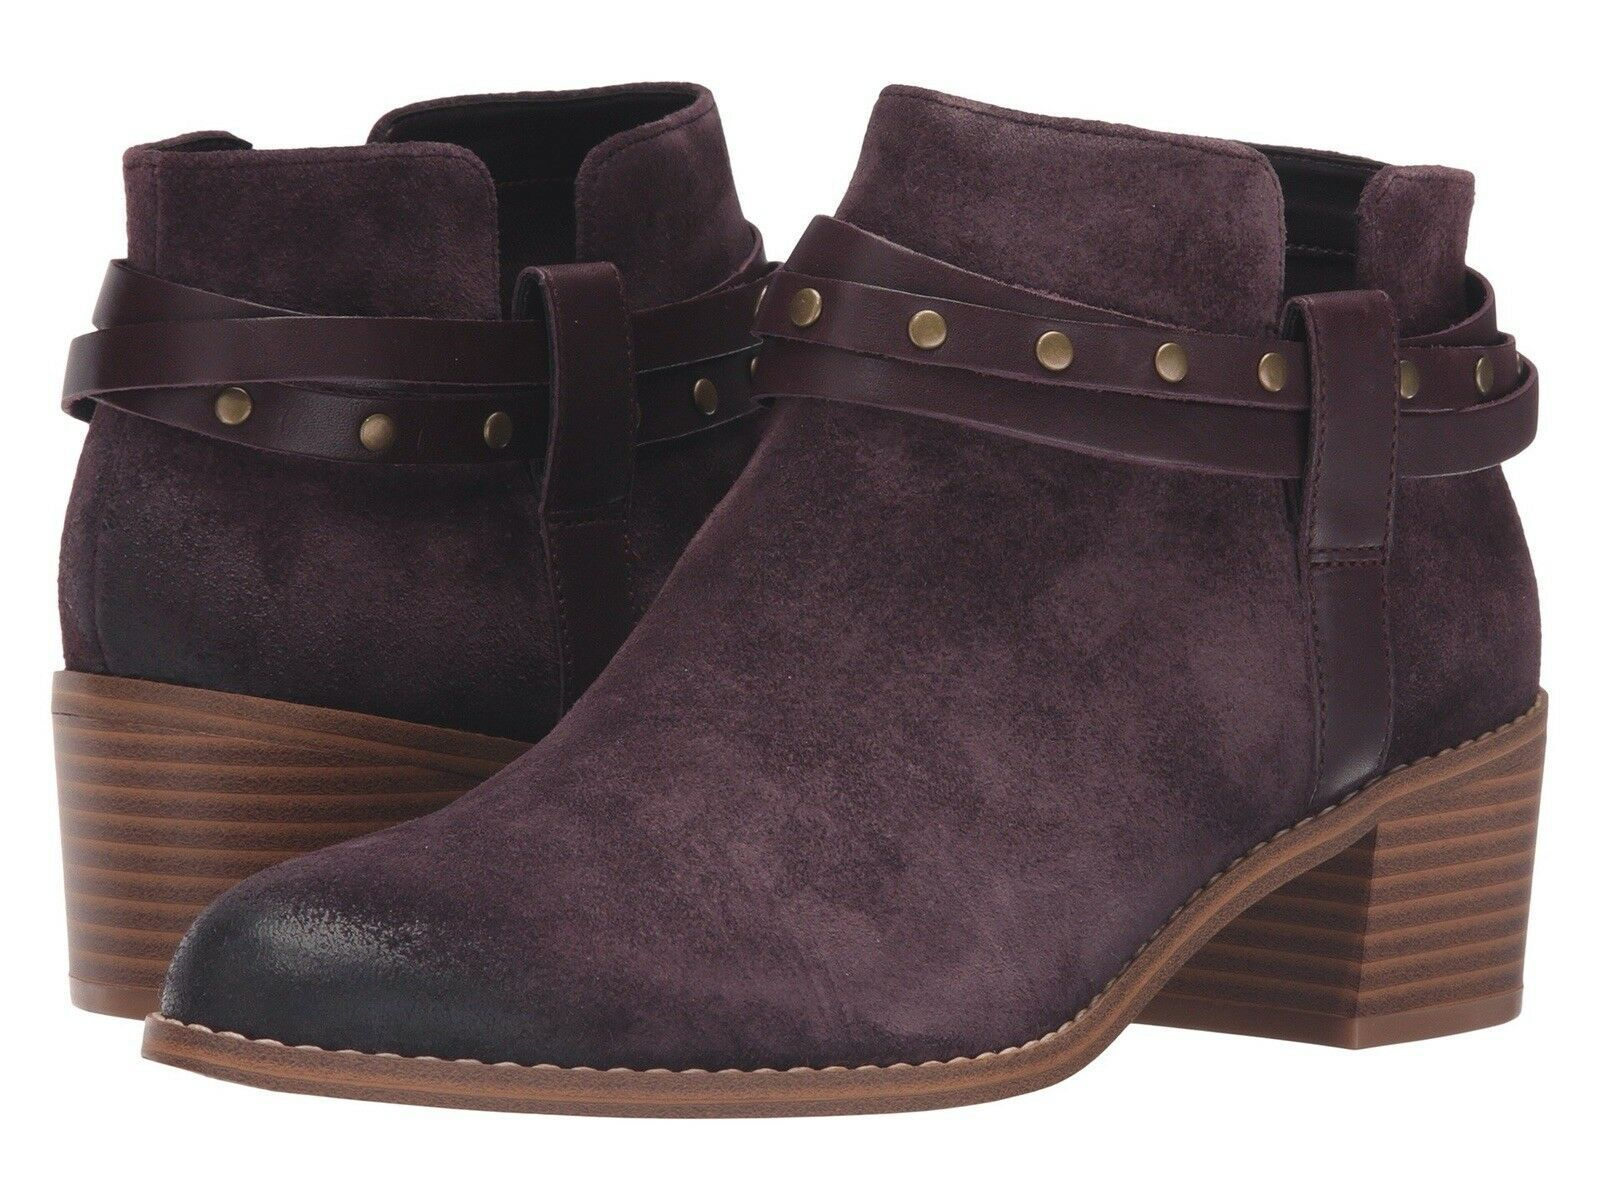 Chaussures femme Clarks Femmes Breccan Shine Aubergine Daim Cowboy Cheville Bottes Taille 4 D